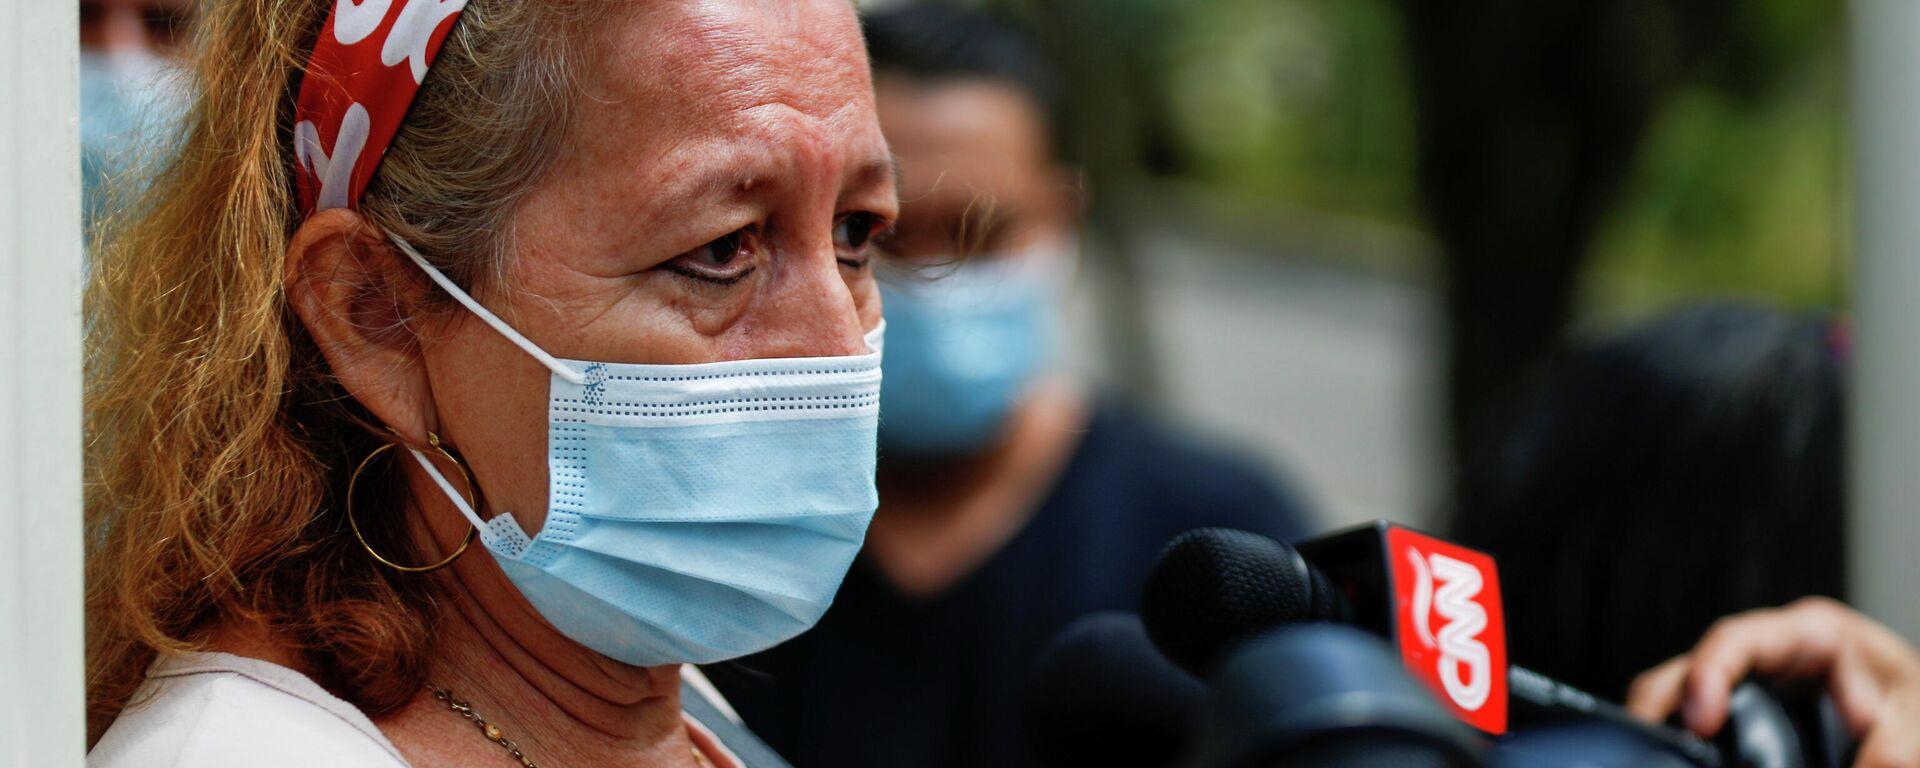 Rosibel Arriaza, madre de Victoria Salazar, la mujer salvadoreña que murió siendo arrestada por la Policía mexicana - Sputnik Mundo, 1920, 29.03.2021